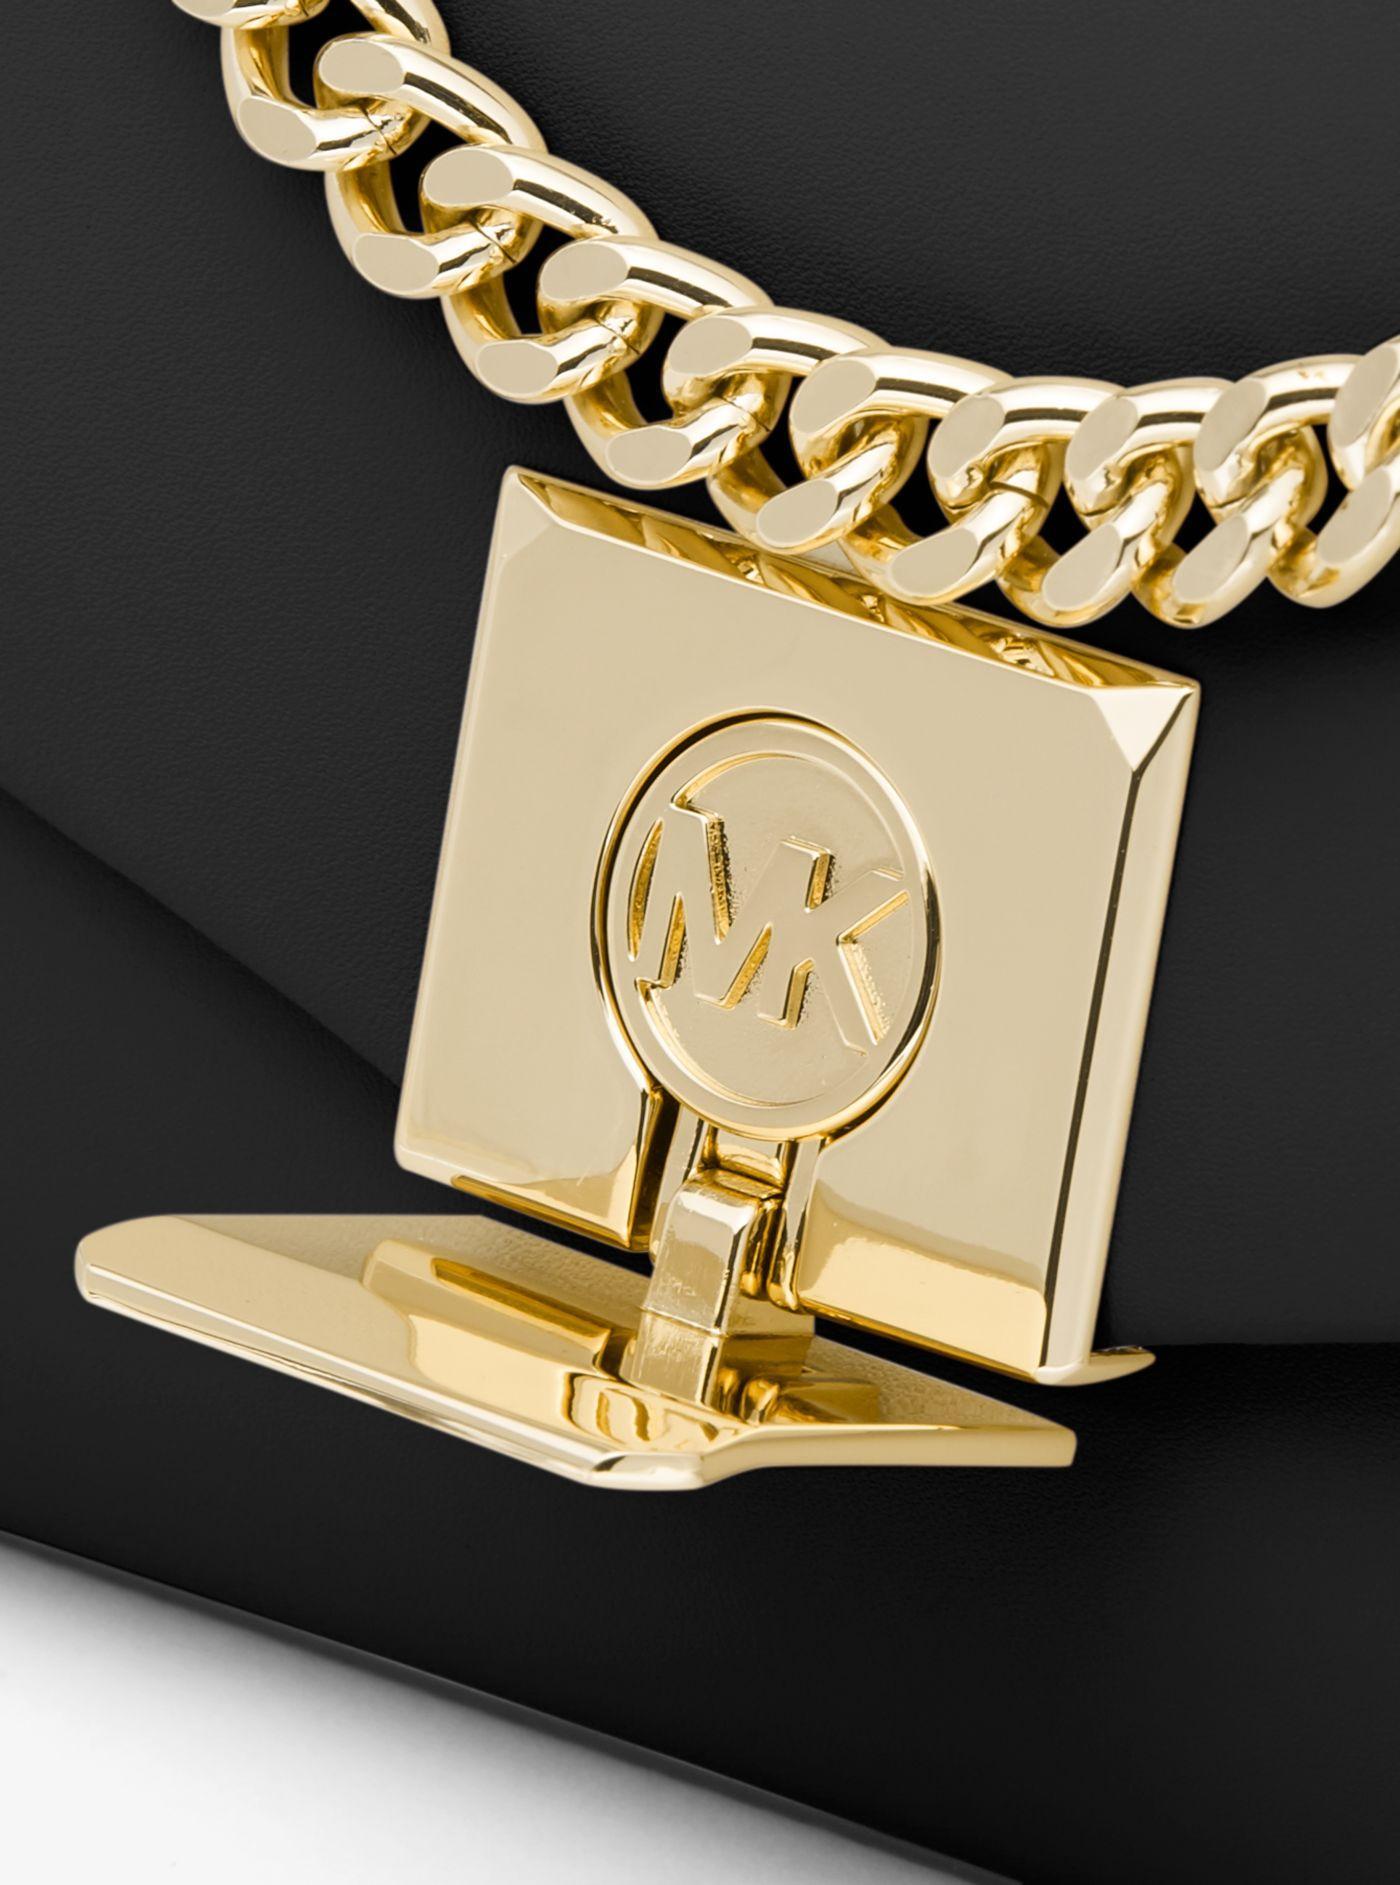 Túi xách Michael Kors hàng hiệu nữ 35T0GXPC1O-LITA SMALL CROSSBODY BAG - black - Mini